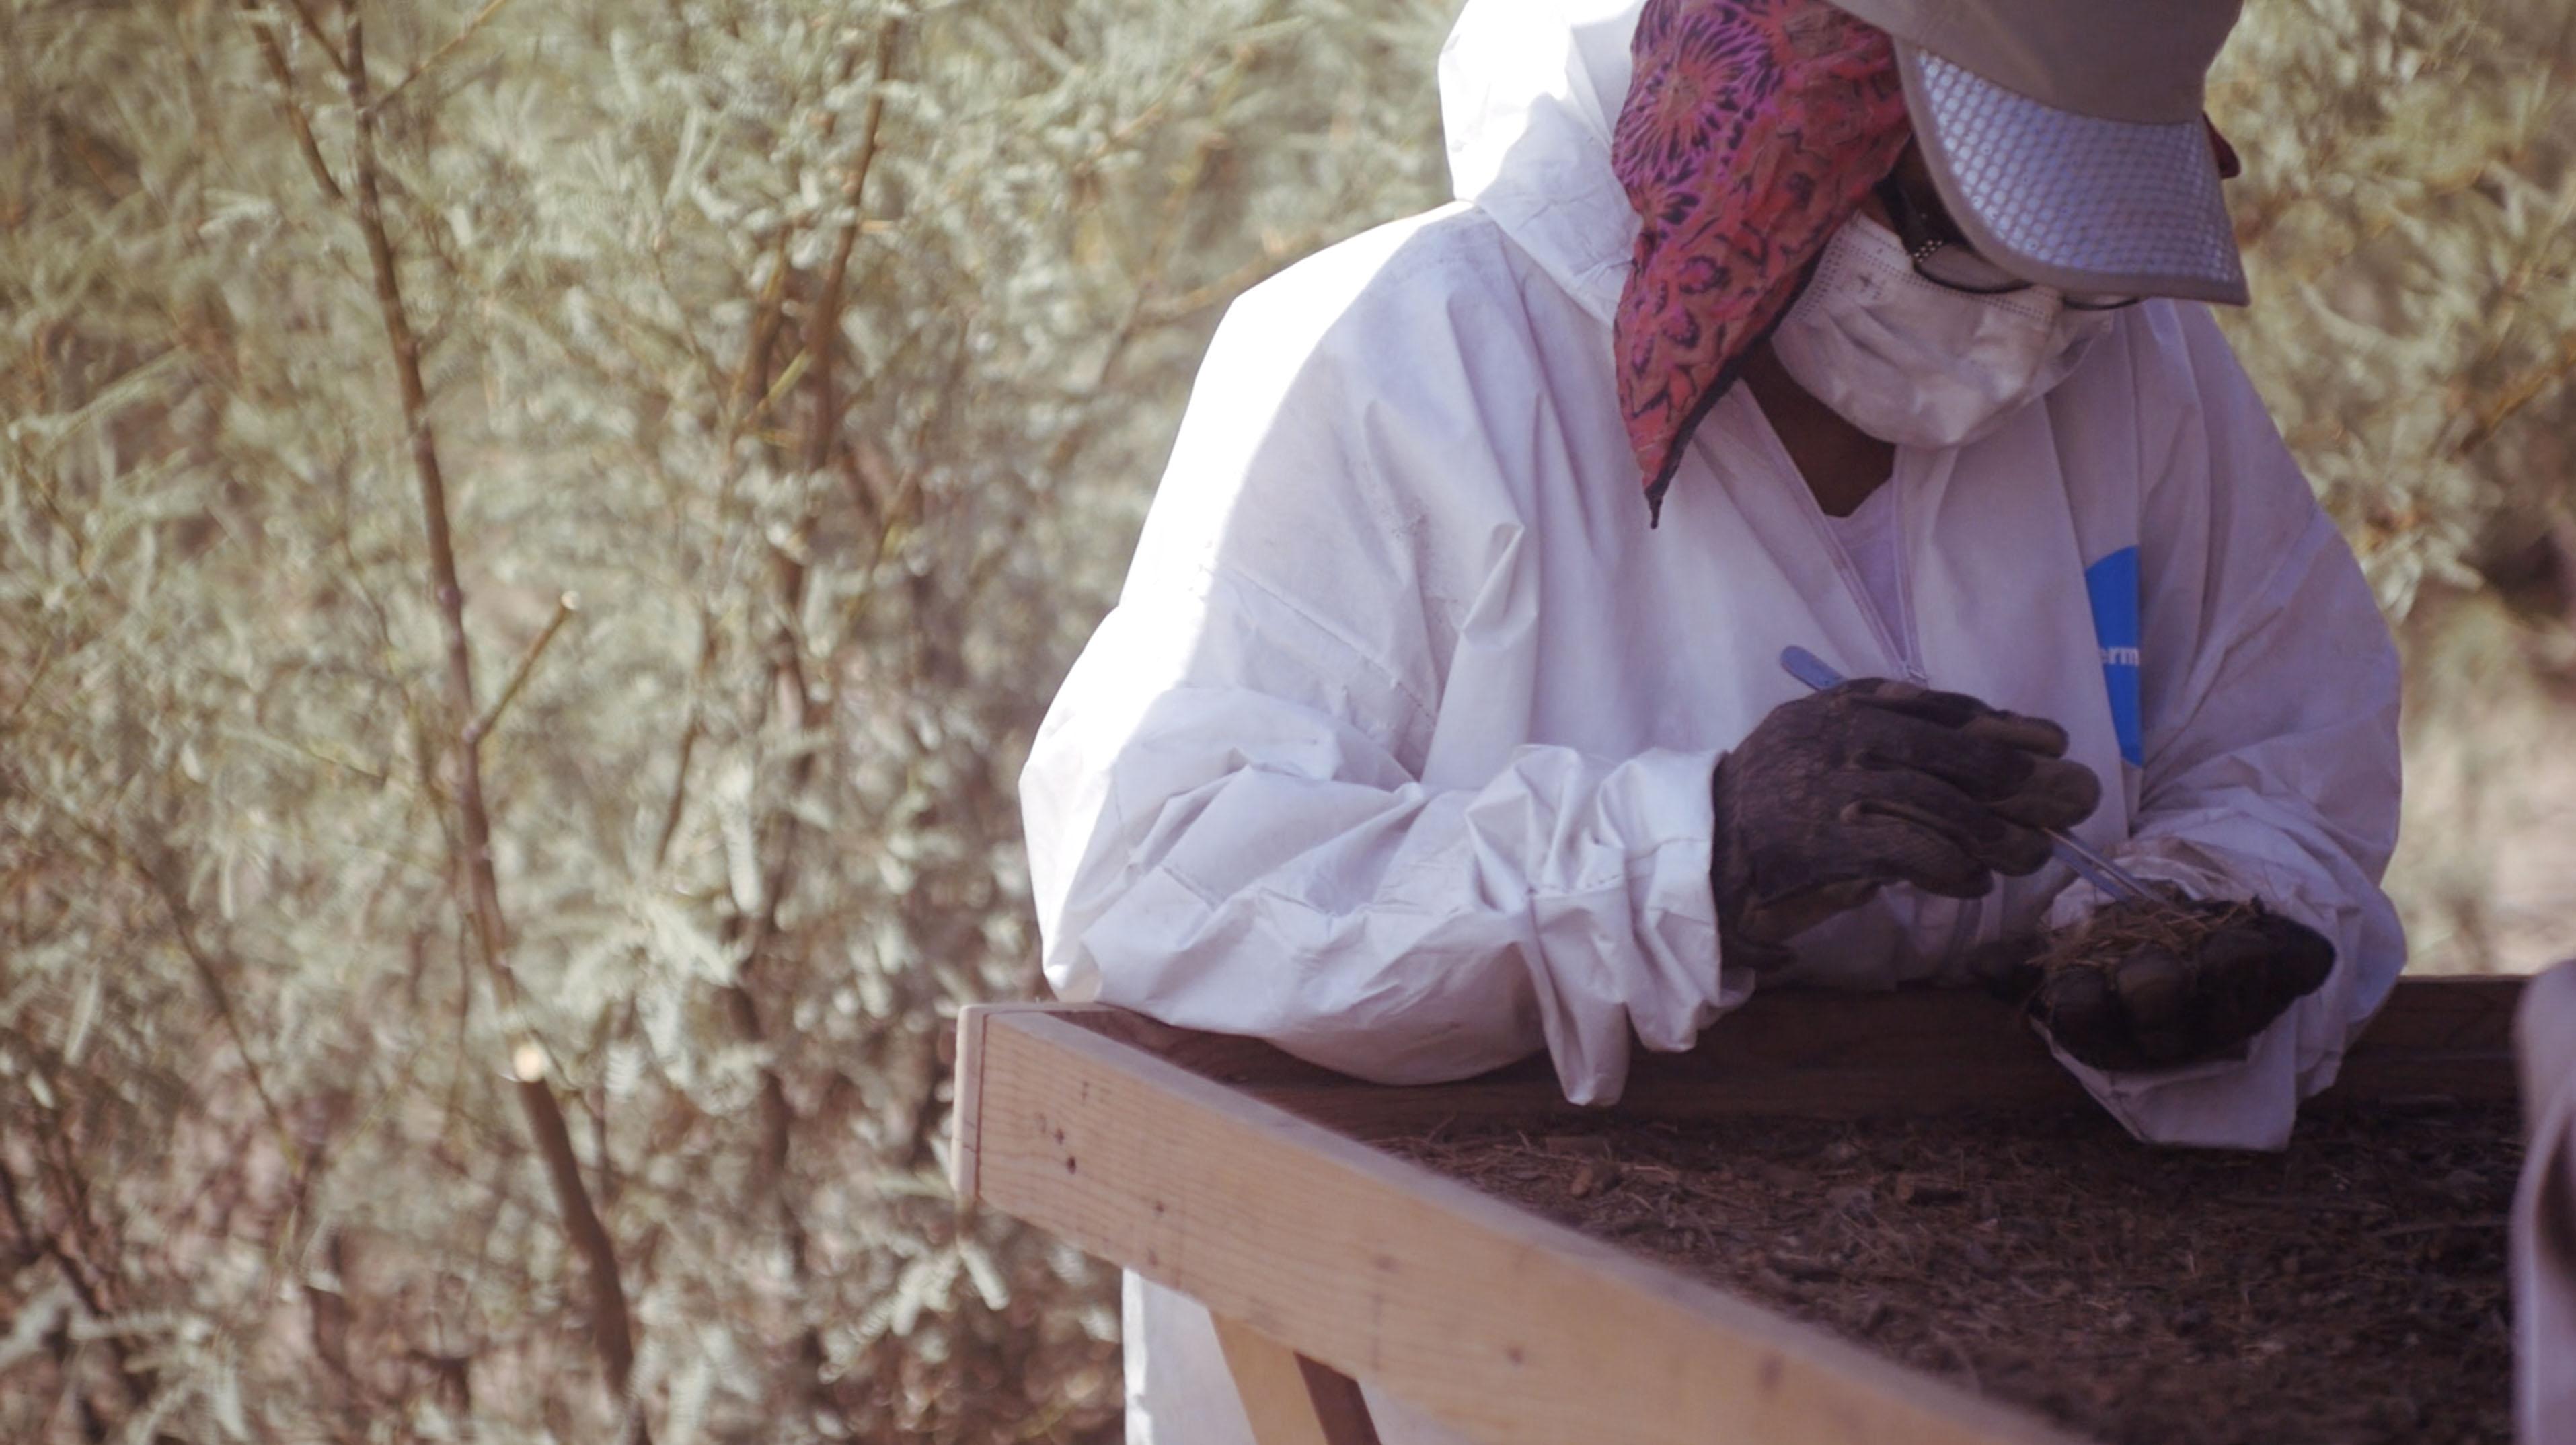 Familiares buscando en 'cocina' del narco en Coahuila (Fotografía: Mónica Vázquez / Plumas Atómicas)